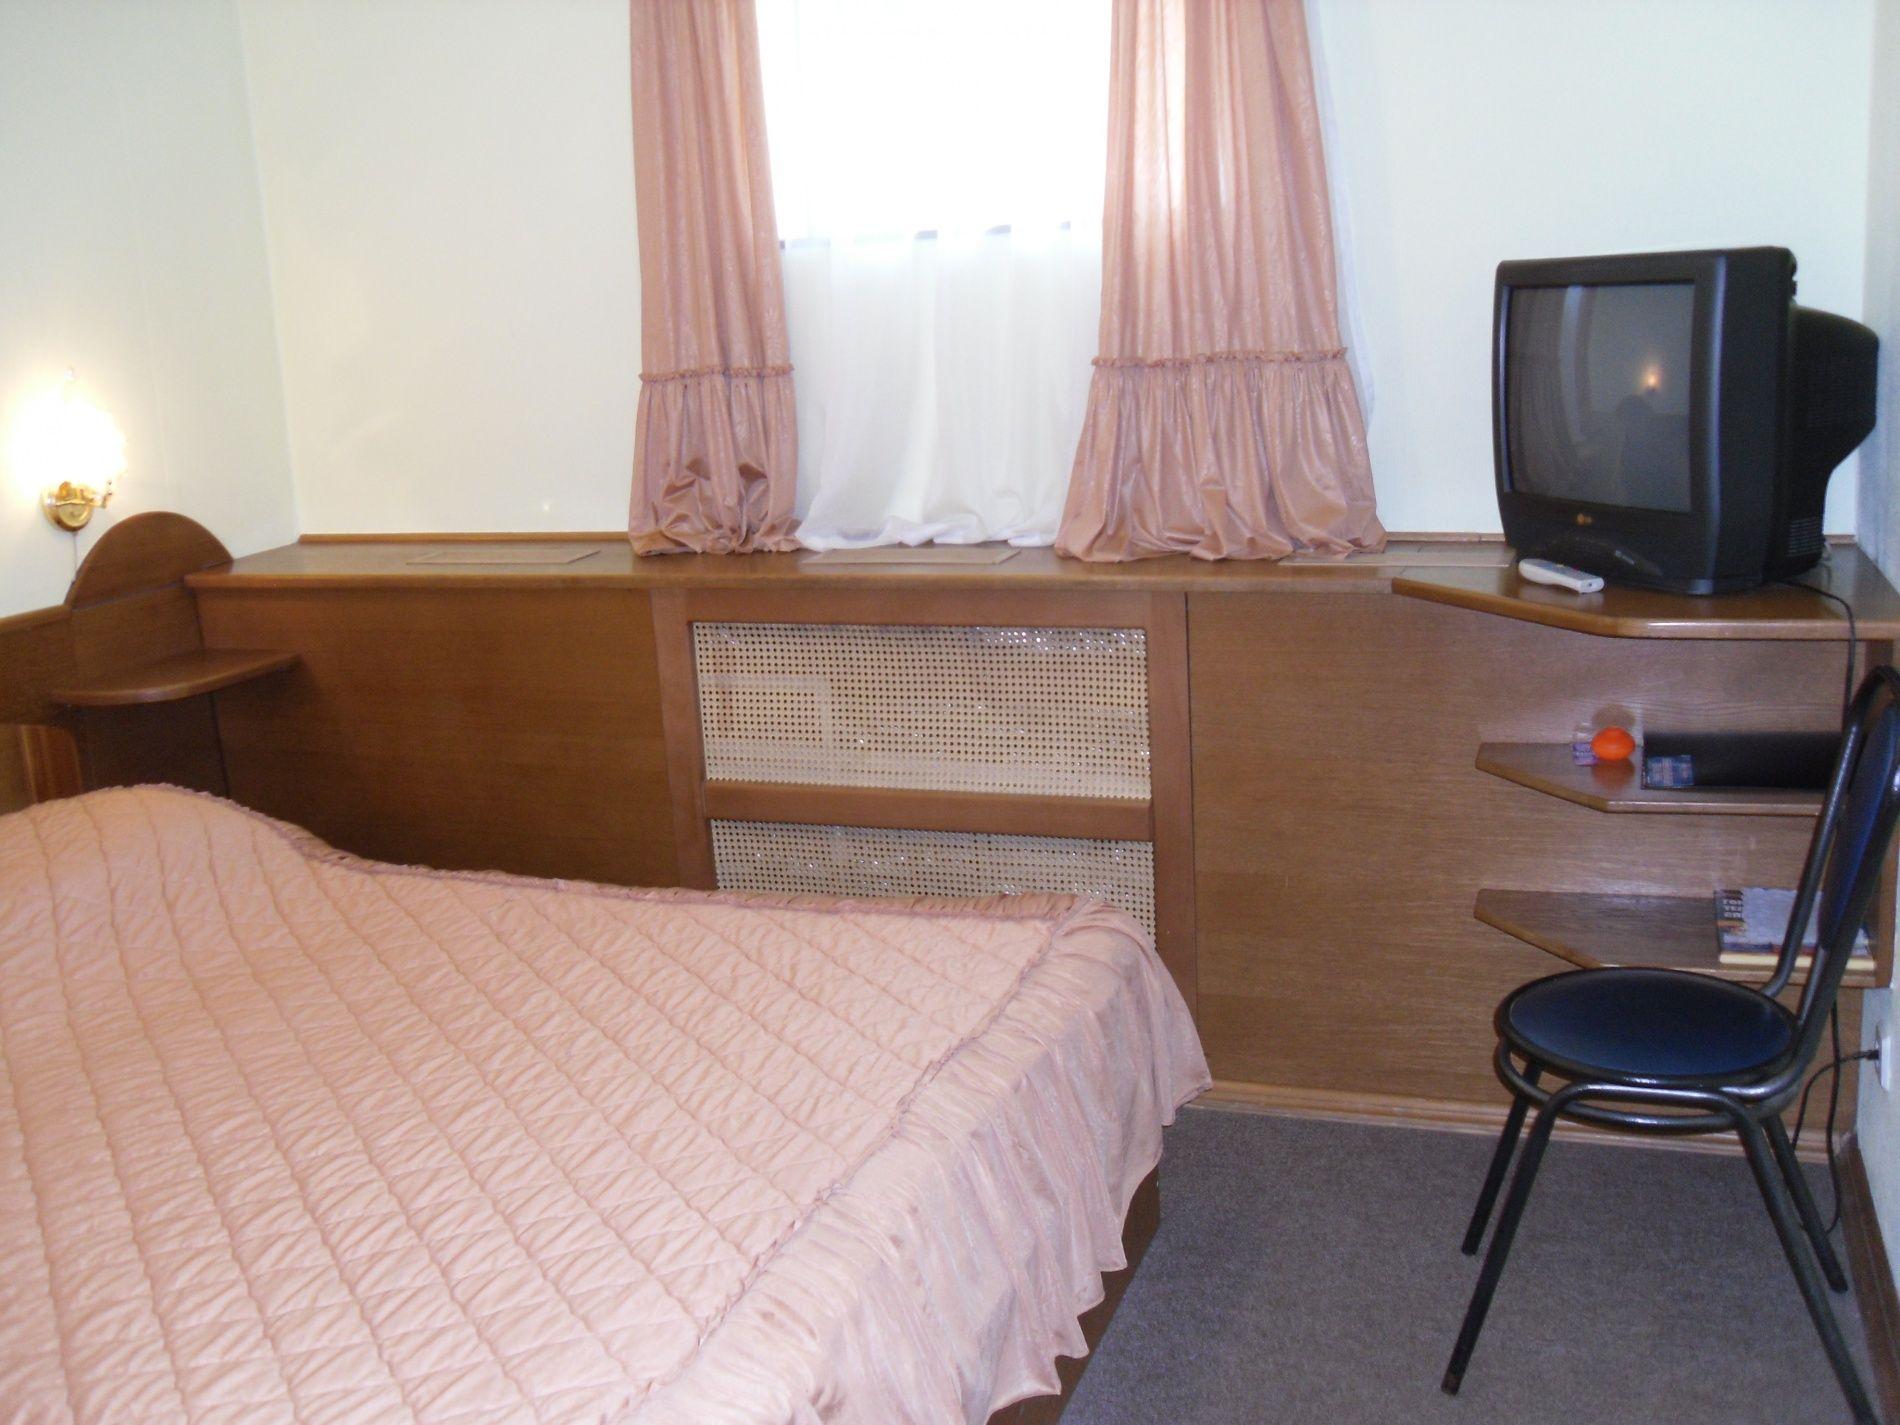 Туристический комплекс «Мирная Пристань» Ивановская область 2-комнатный номер 1 категории (№ 8, 9), фото 1